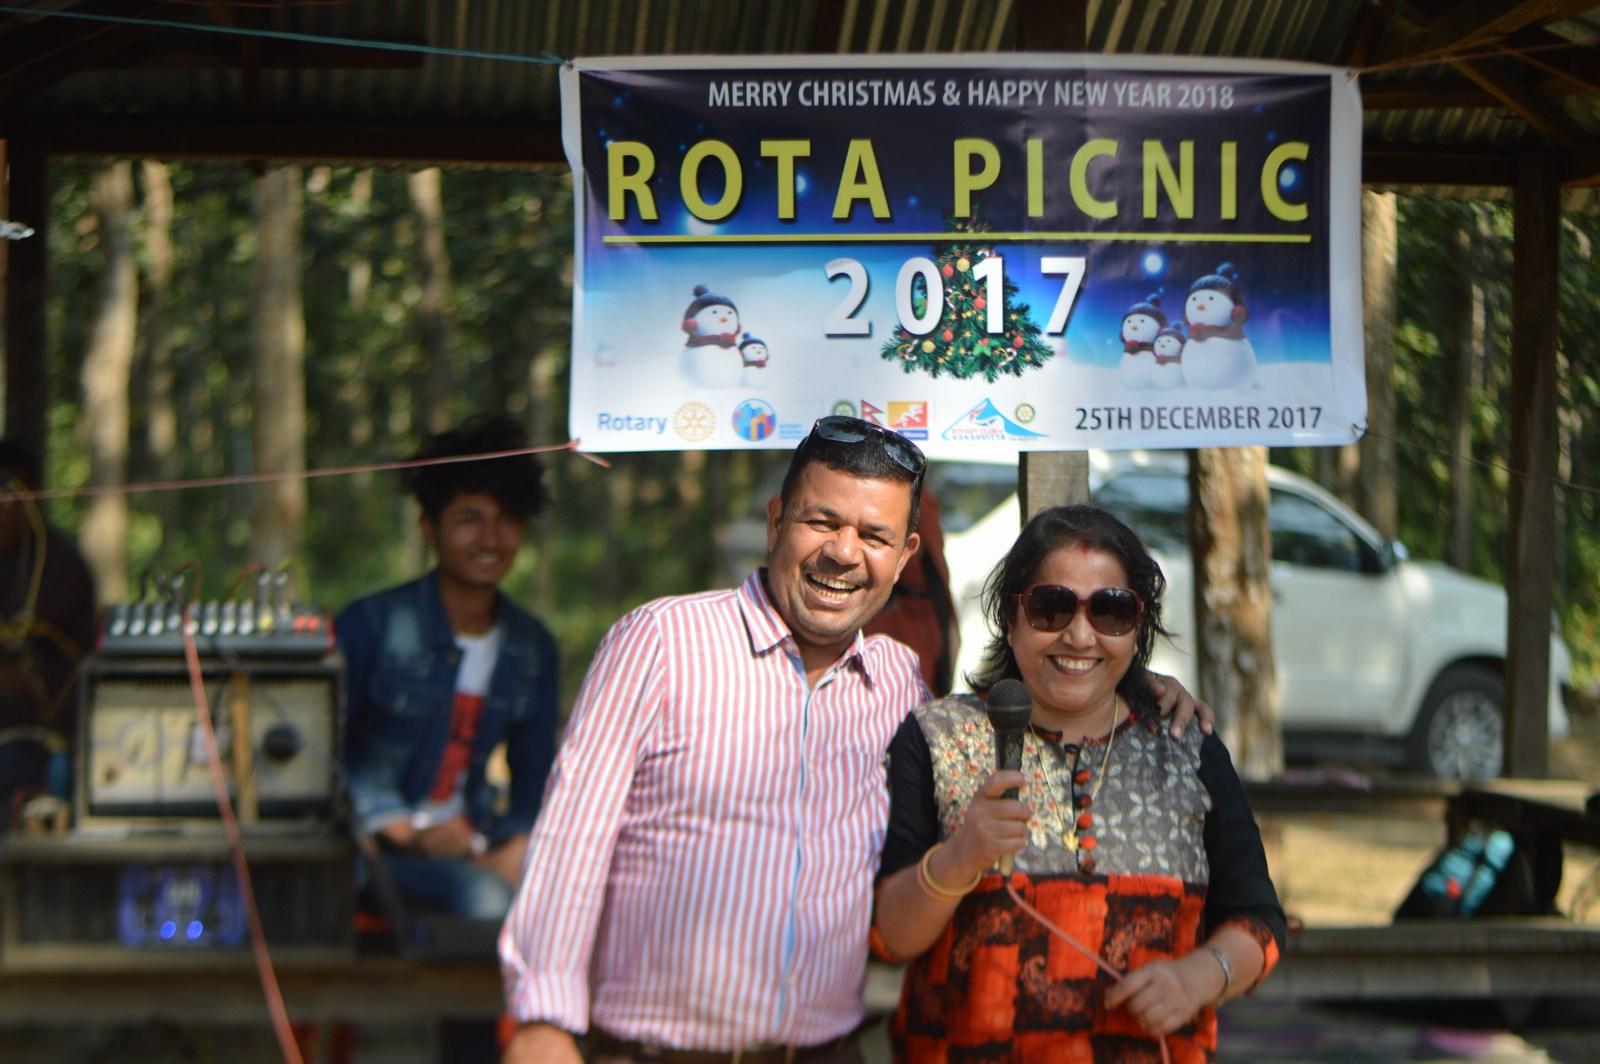 Rota-Picnic-2017-Rotary-Club-of-Kakarvitta-62